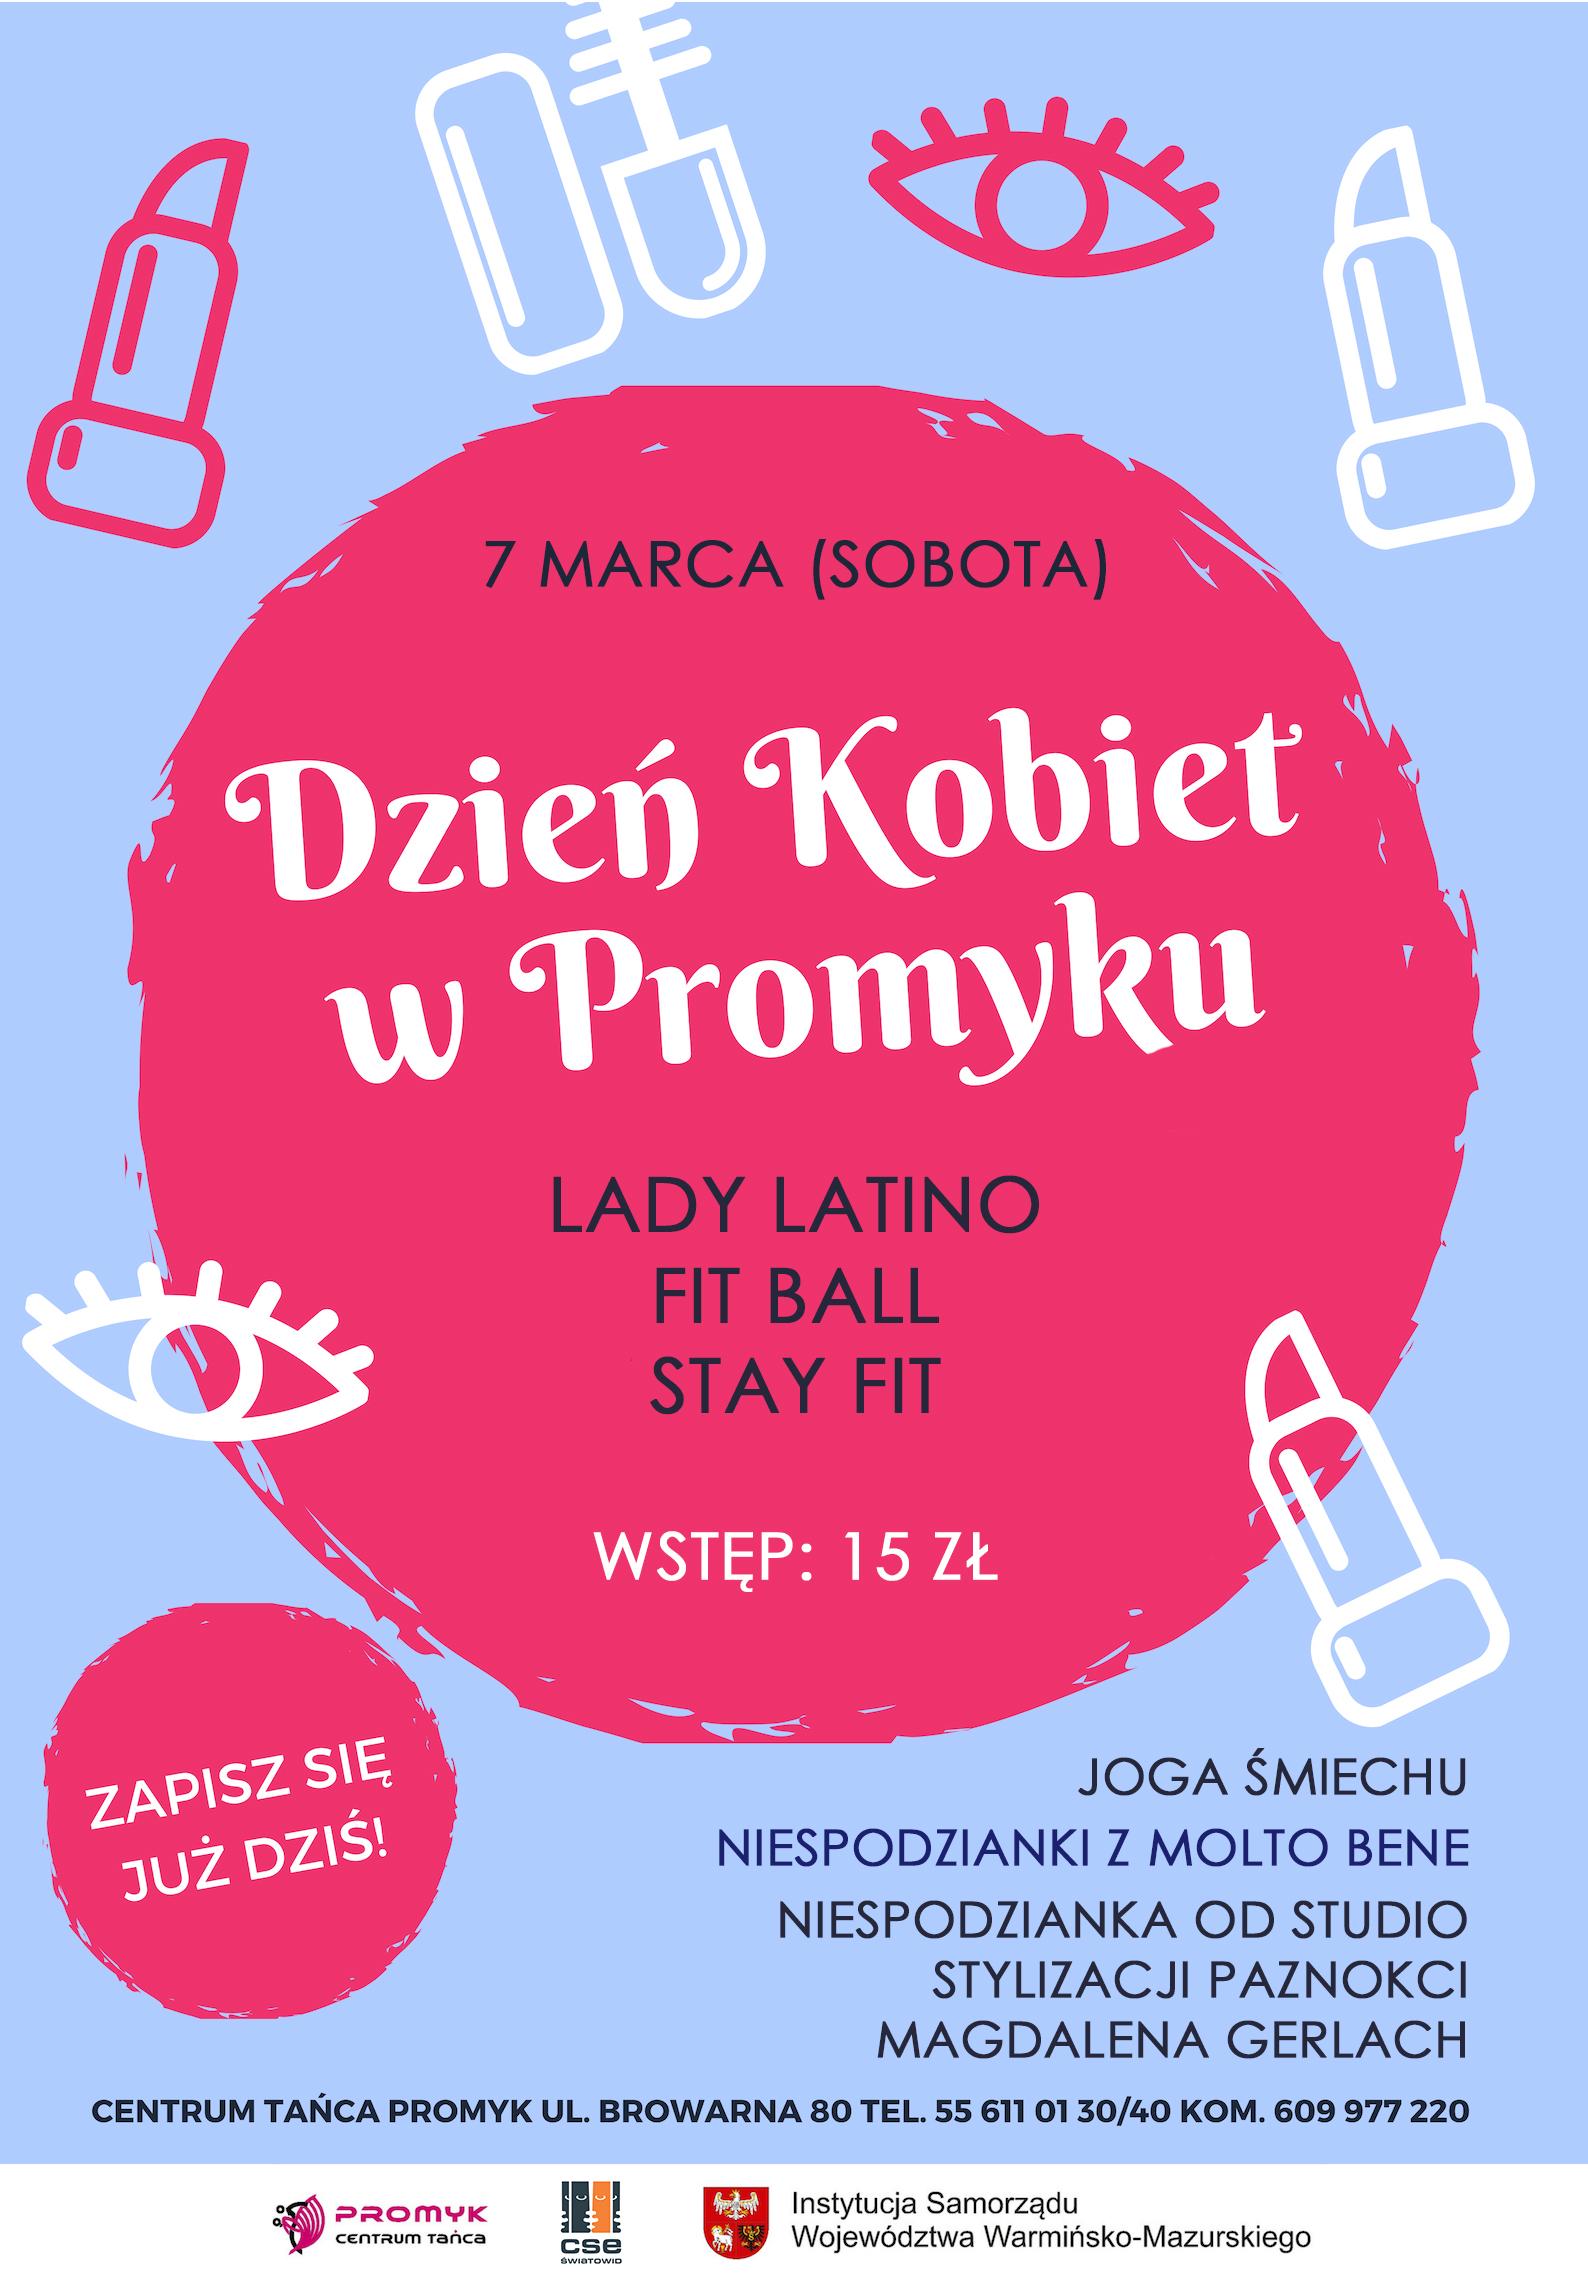 Dzień Kobiet w Promyku